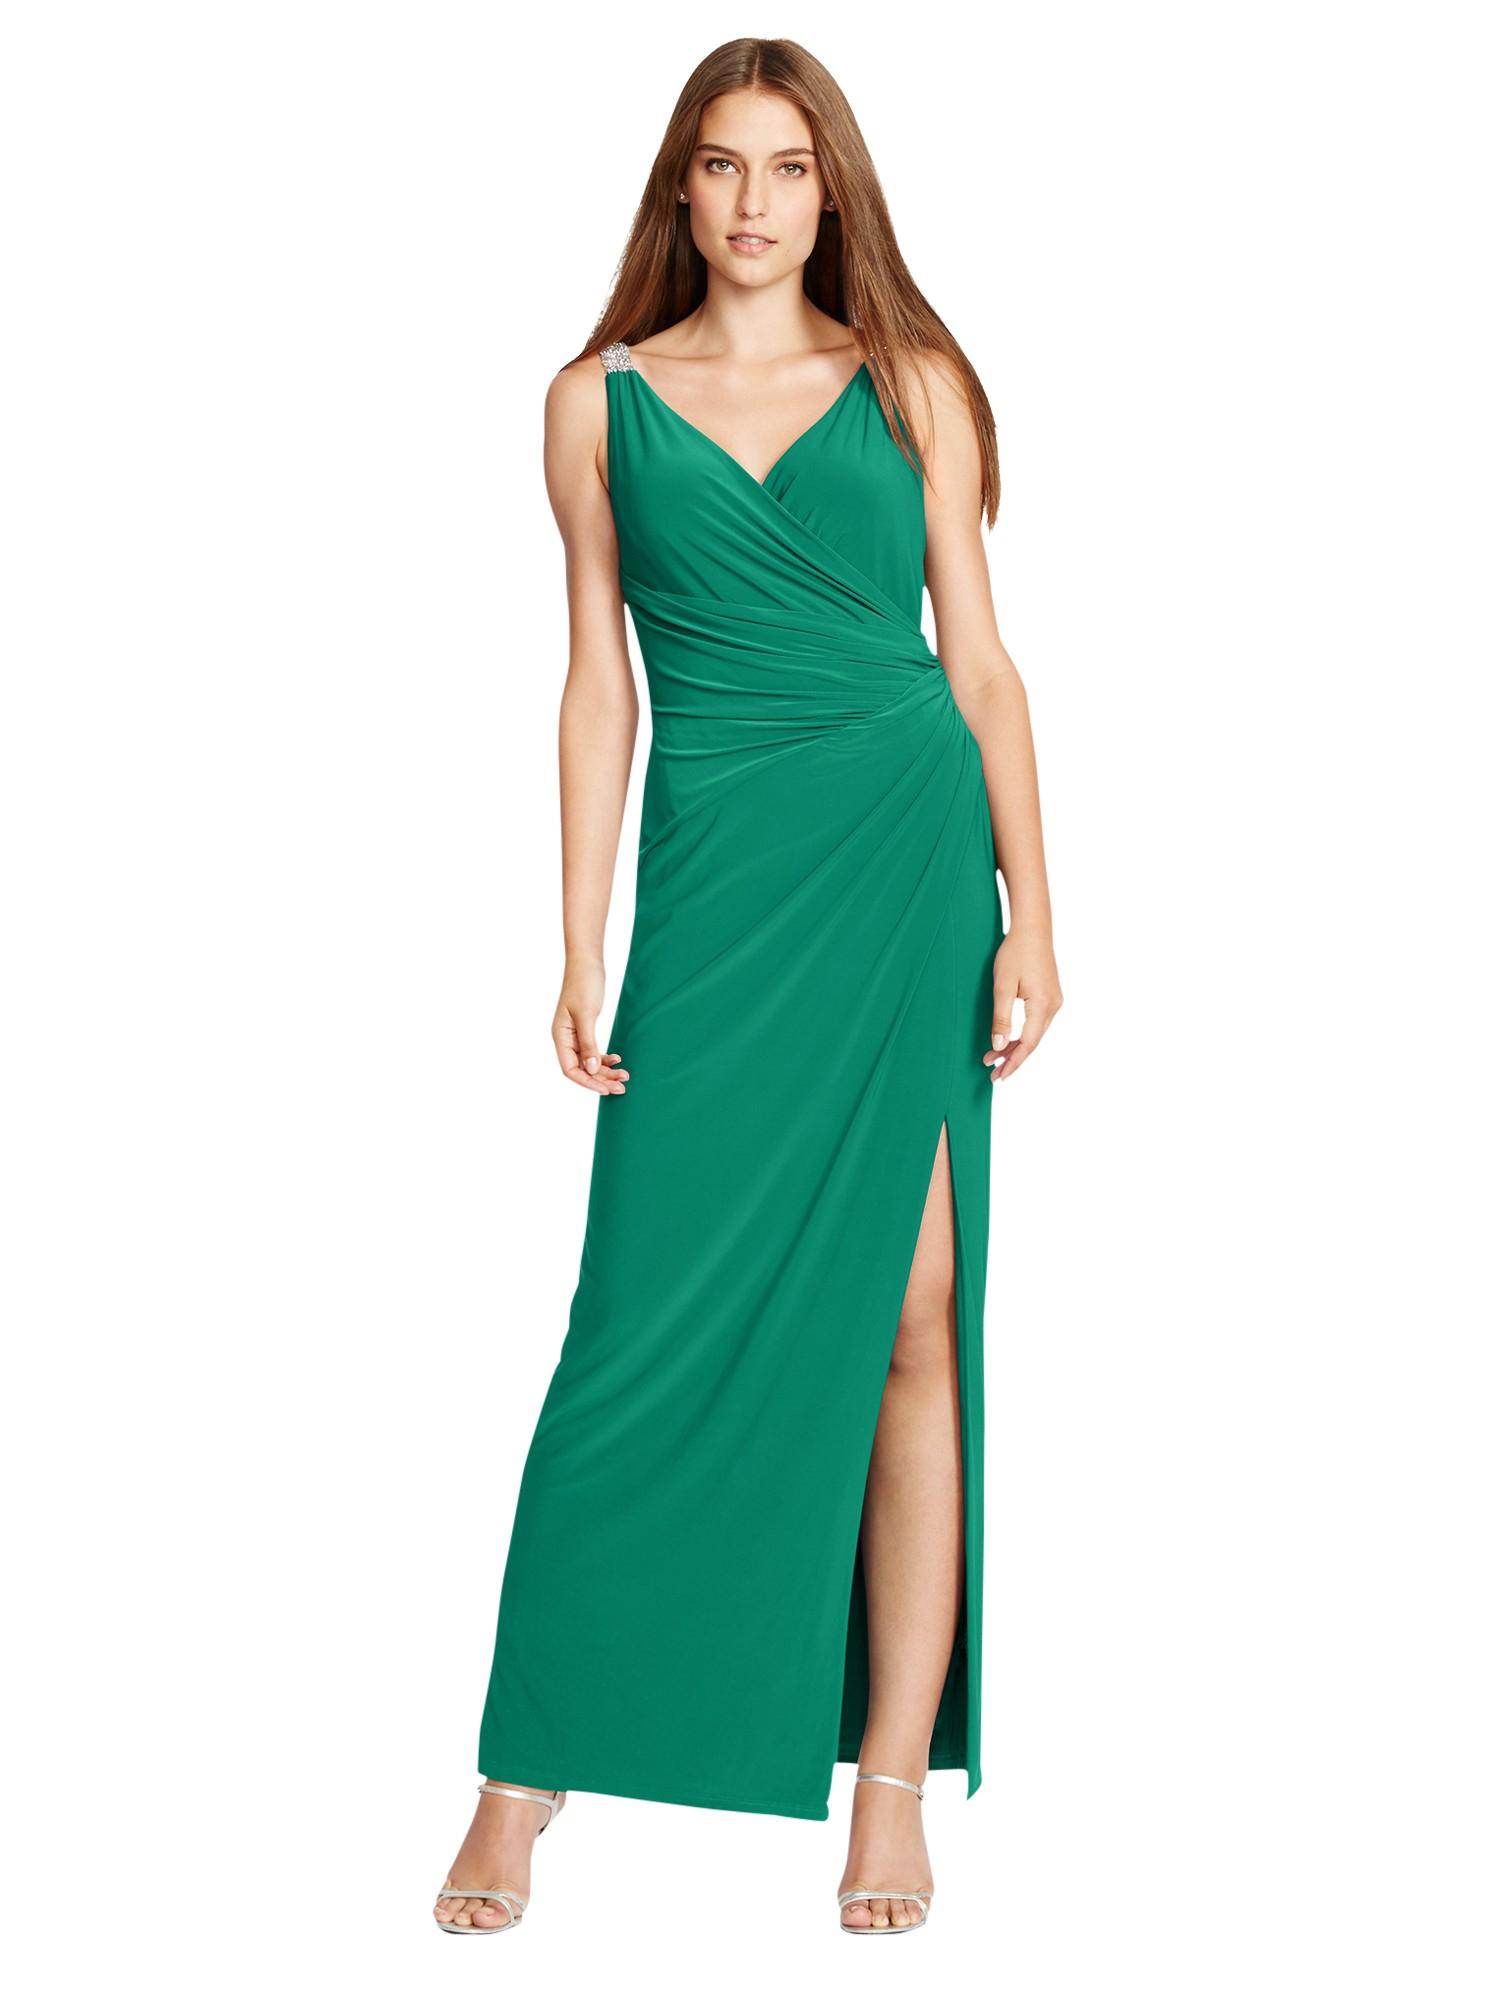 14deb04efe Lauren by Ralph Lauren Lajos Dress in Green - Lyst